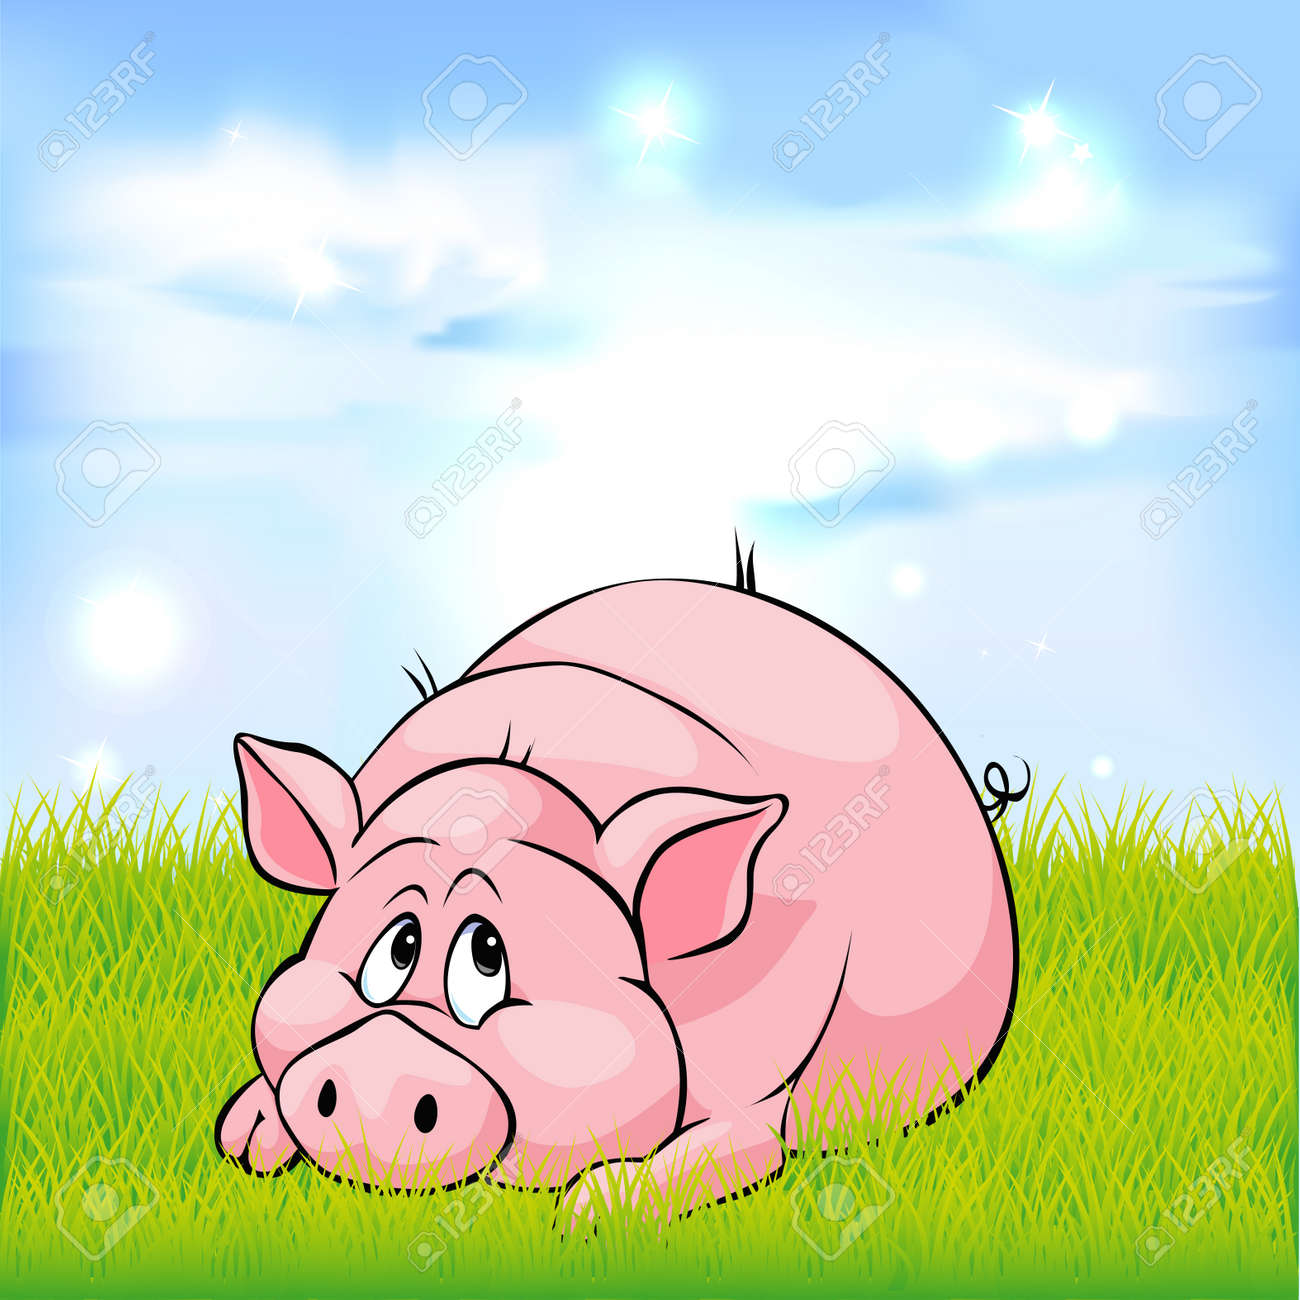 bonjour a tout le monde  36535347-dessin-anim-cochon-portant-sur-l-herbe-verte-illustration-vectorielle-Banque-d'images